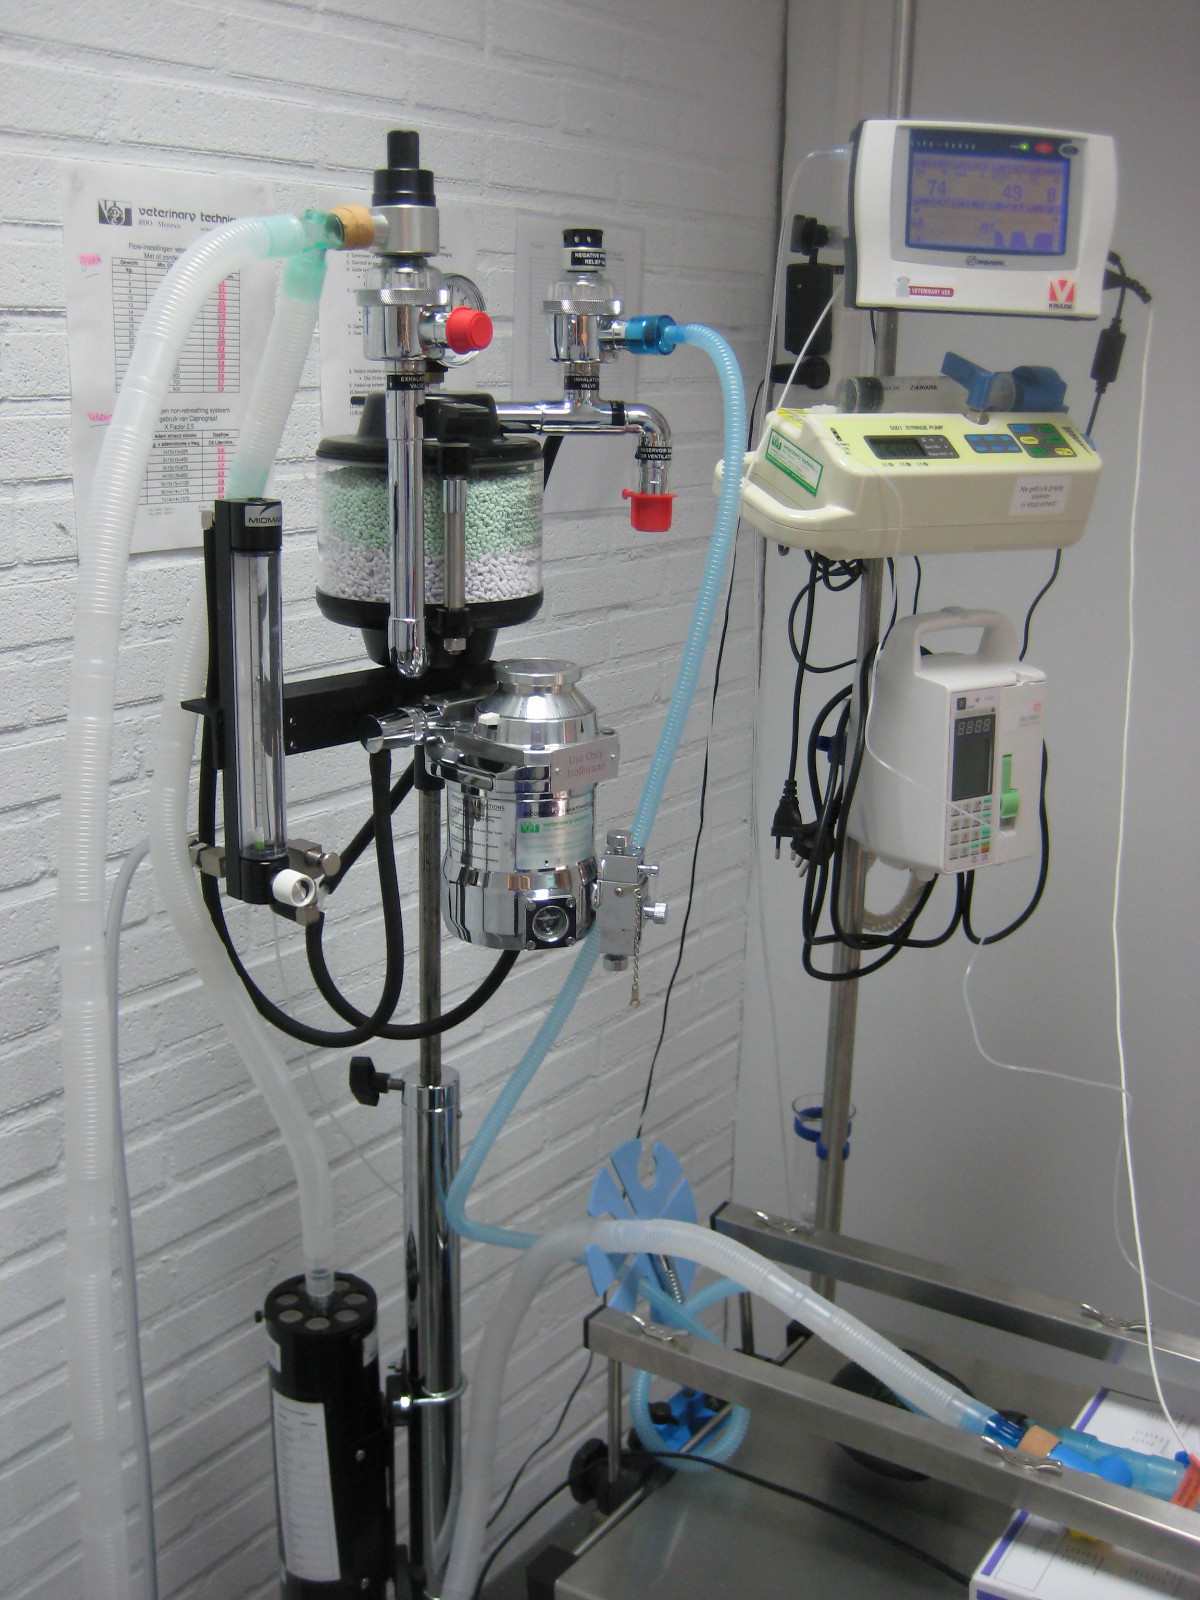 Onze apparatuur is up to date en wordt jaarlijks getest op veiligheid. Zowel injectie als gasnarcose hebben wij tot onze beschikking!